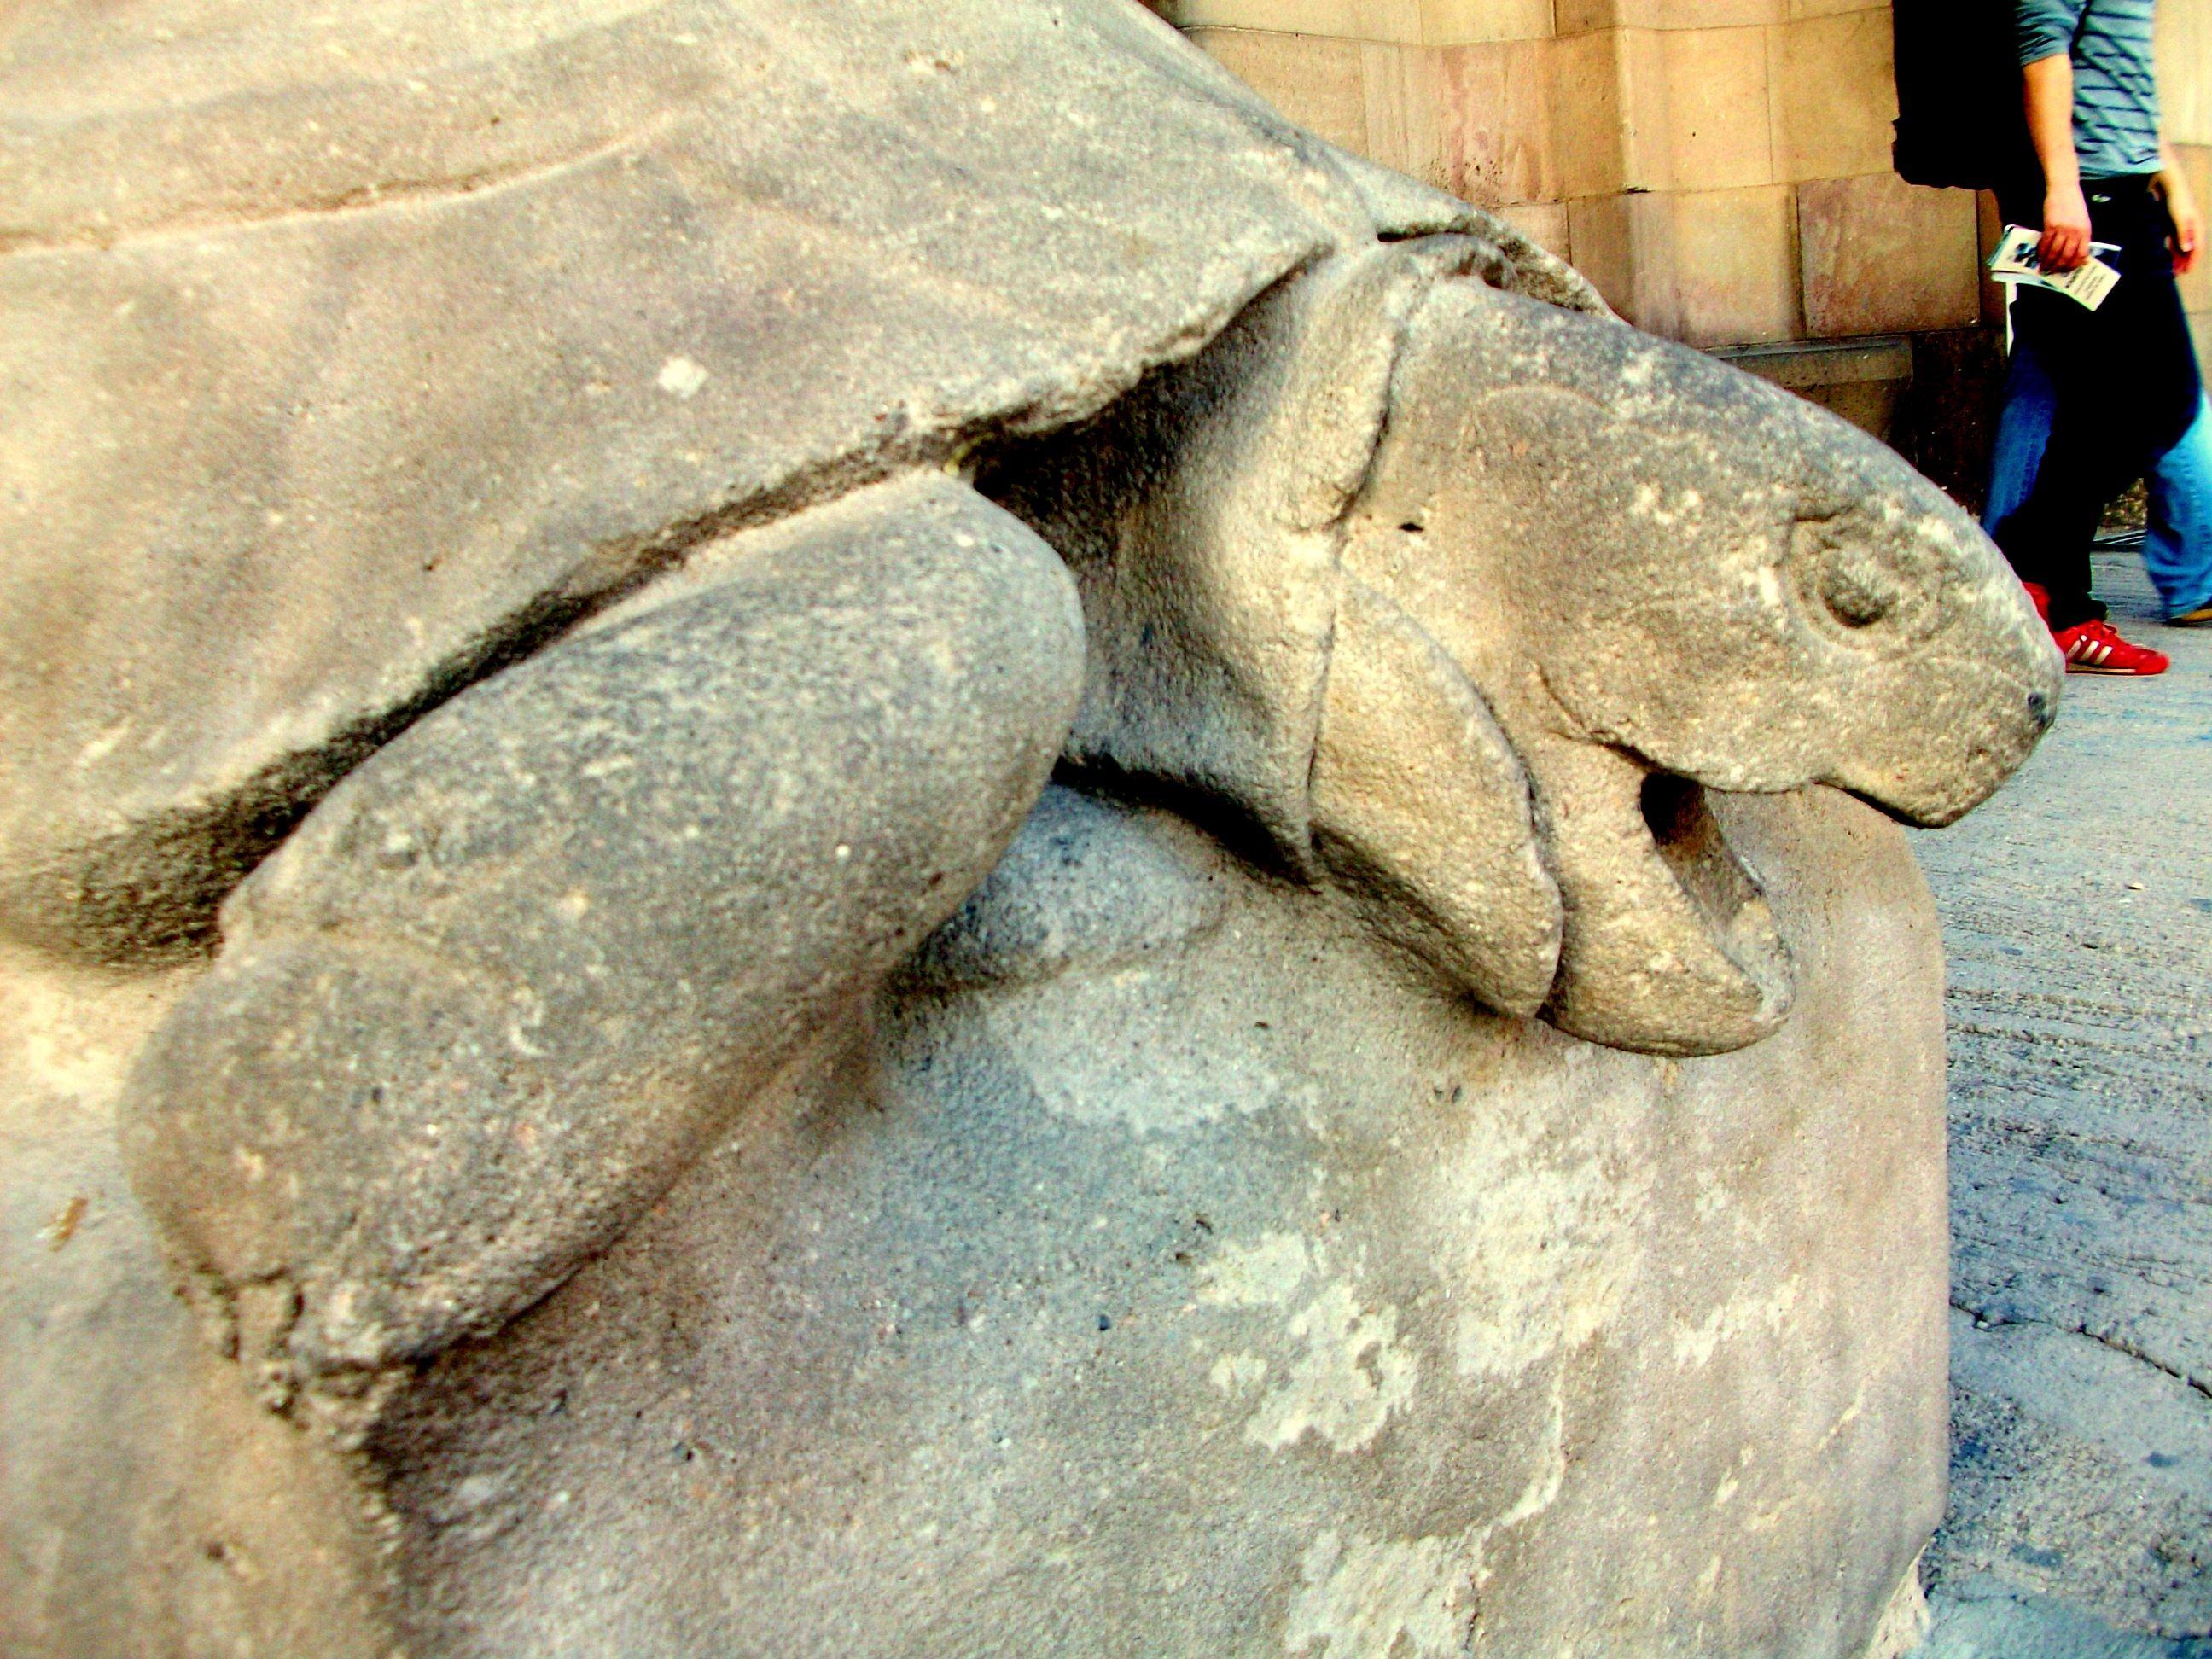 Antonio Gaudi Turtle From Sagrada Familia Church Barcelona Gaudi Sagrada Familia Antoni Gaudi